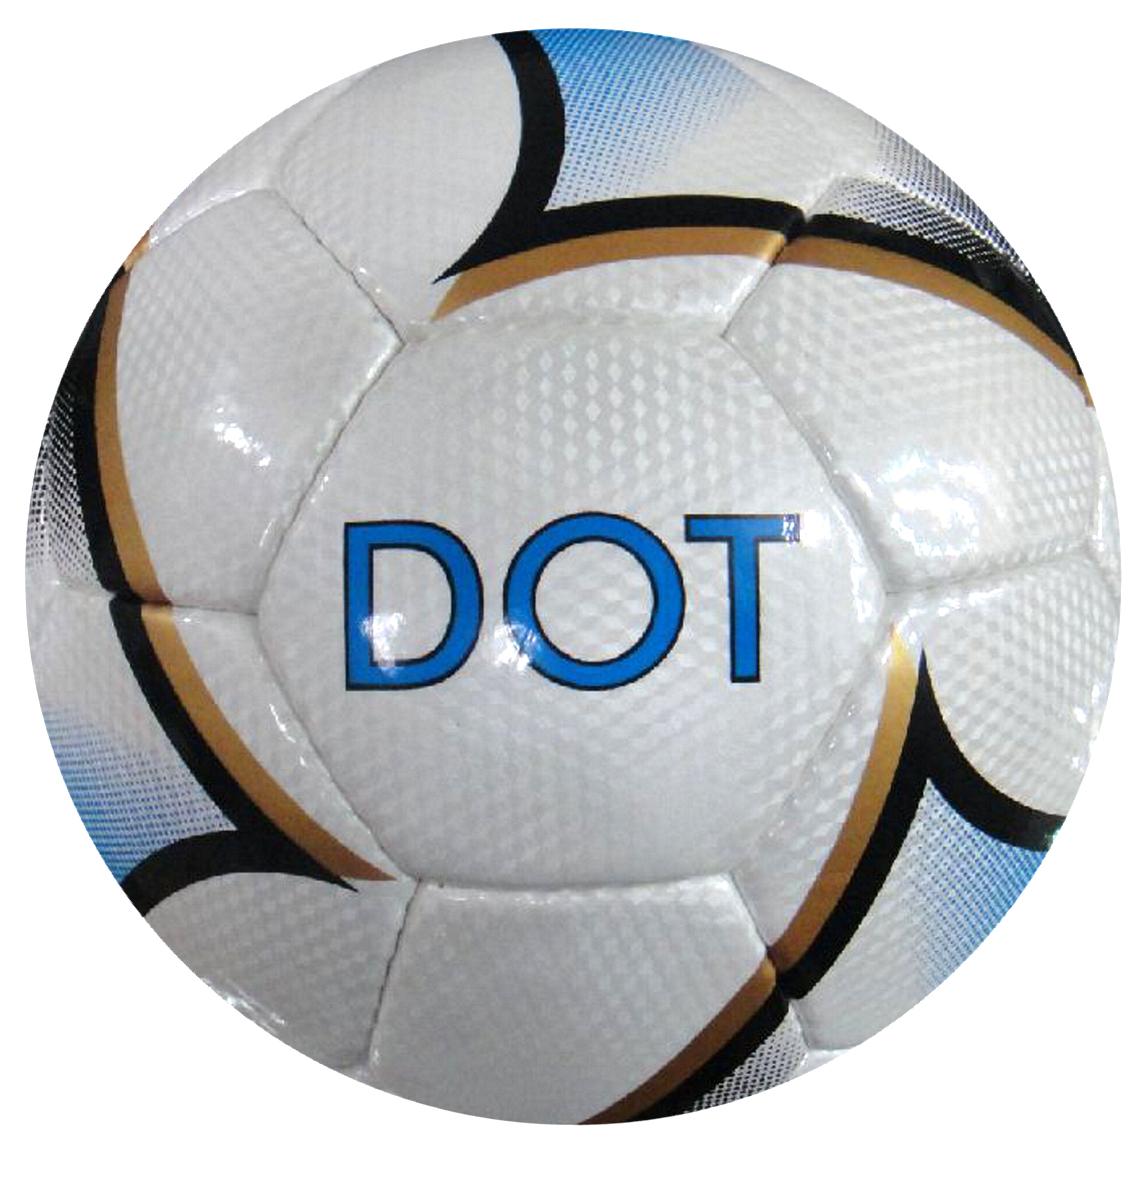 Мяч футбольный Atlas Dot, цвет: белый, черный, золотой. Размер 5231_002Футбольный мяч Atlas Dot предназначен для проведения соревнований и игр команд среднего и любительского уровней, отлично подходит и для интенсивных тренировок. Мяч подходит для игры на любых поверхностях, но особенно рекомендуется для натуральных и искусственных газонов, полей с синтетическим покрытием различной степени жесткости. Также подходит для игры в любых погодных условиях (при соблюдении условий эксплуатации и ухода).Состоит из 32 панелей и 4 подкладочных слоев. Камера выполнена из латекса, она имеет бутиловый нипель, а покрышка из синтетической кожи.